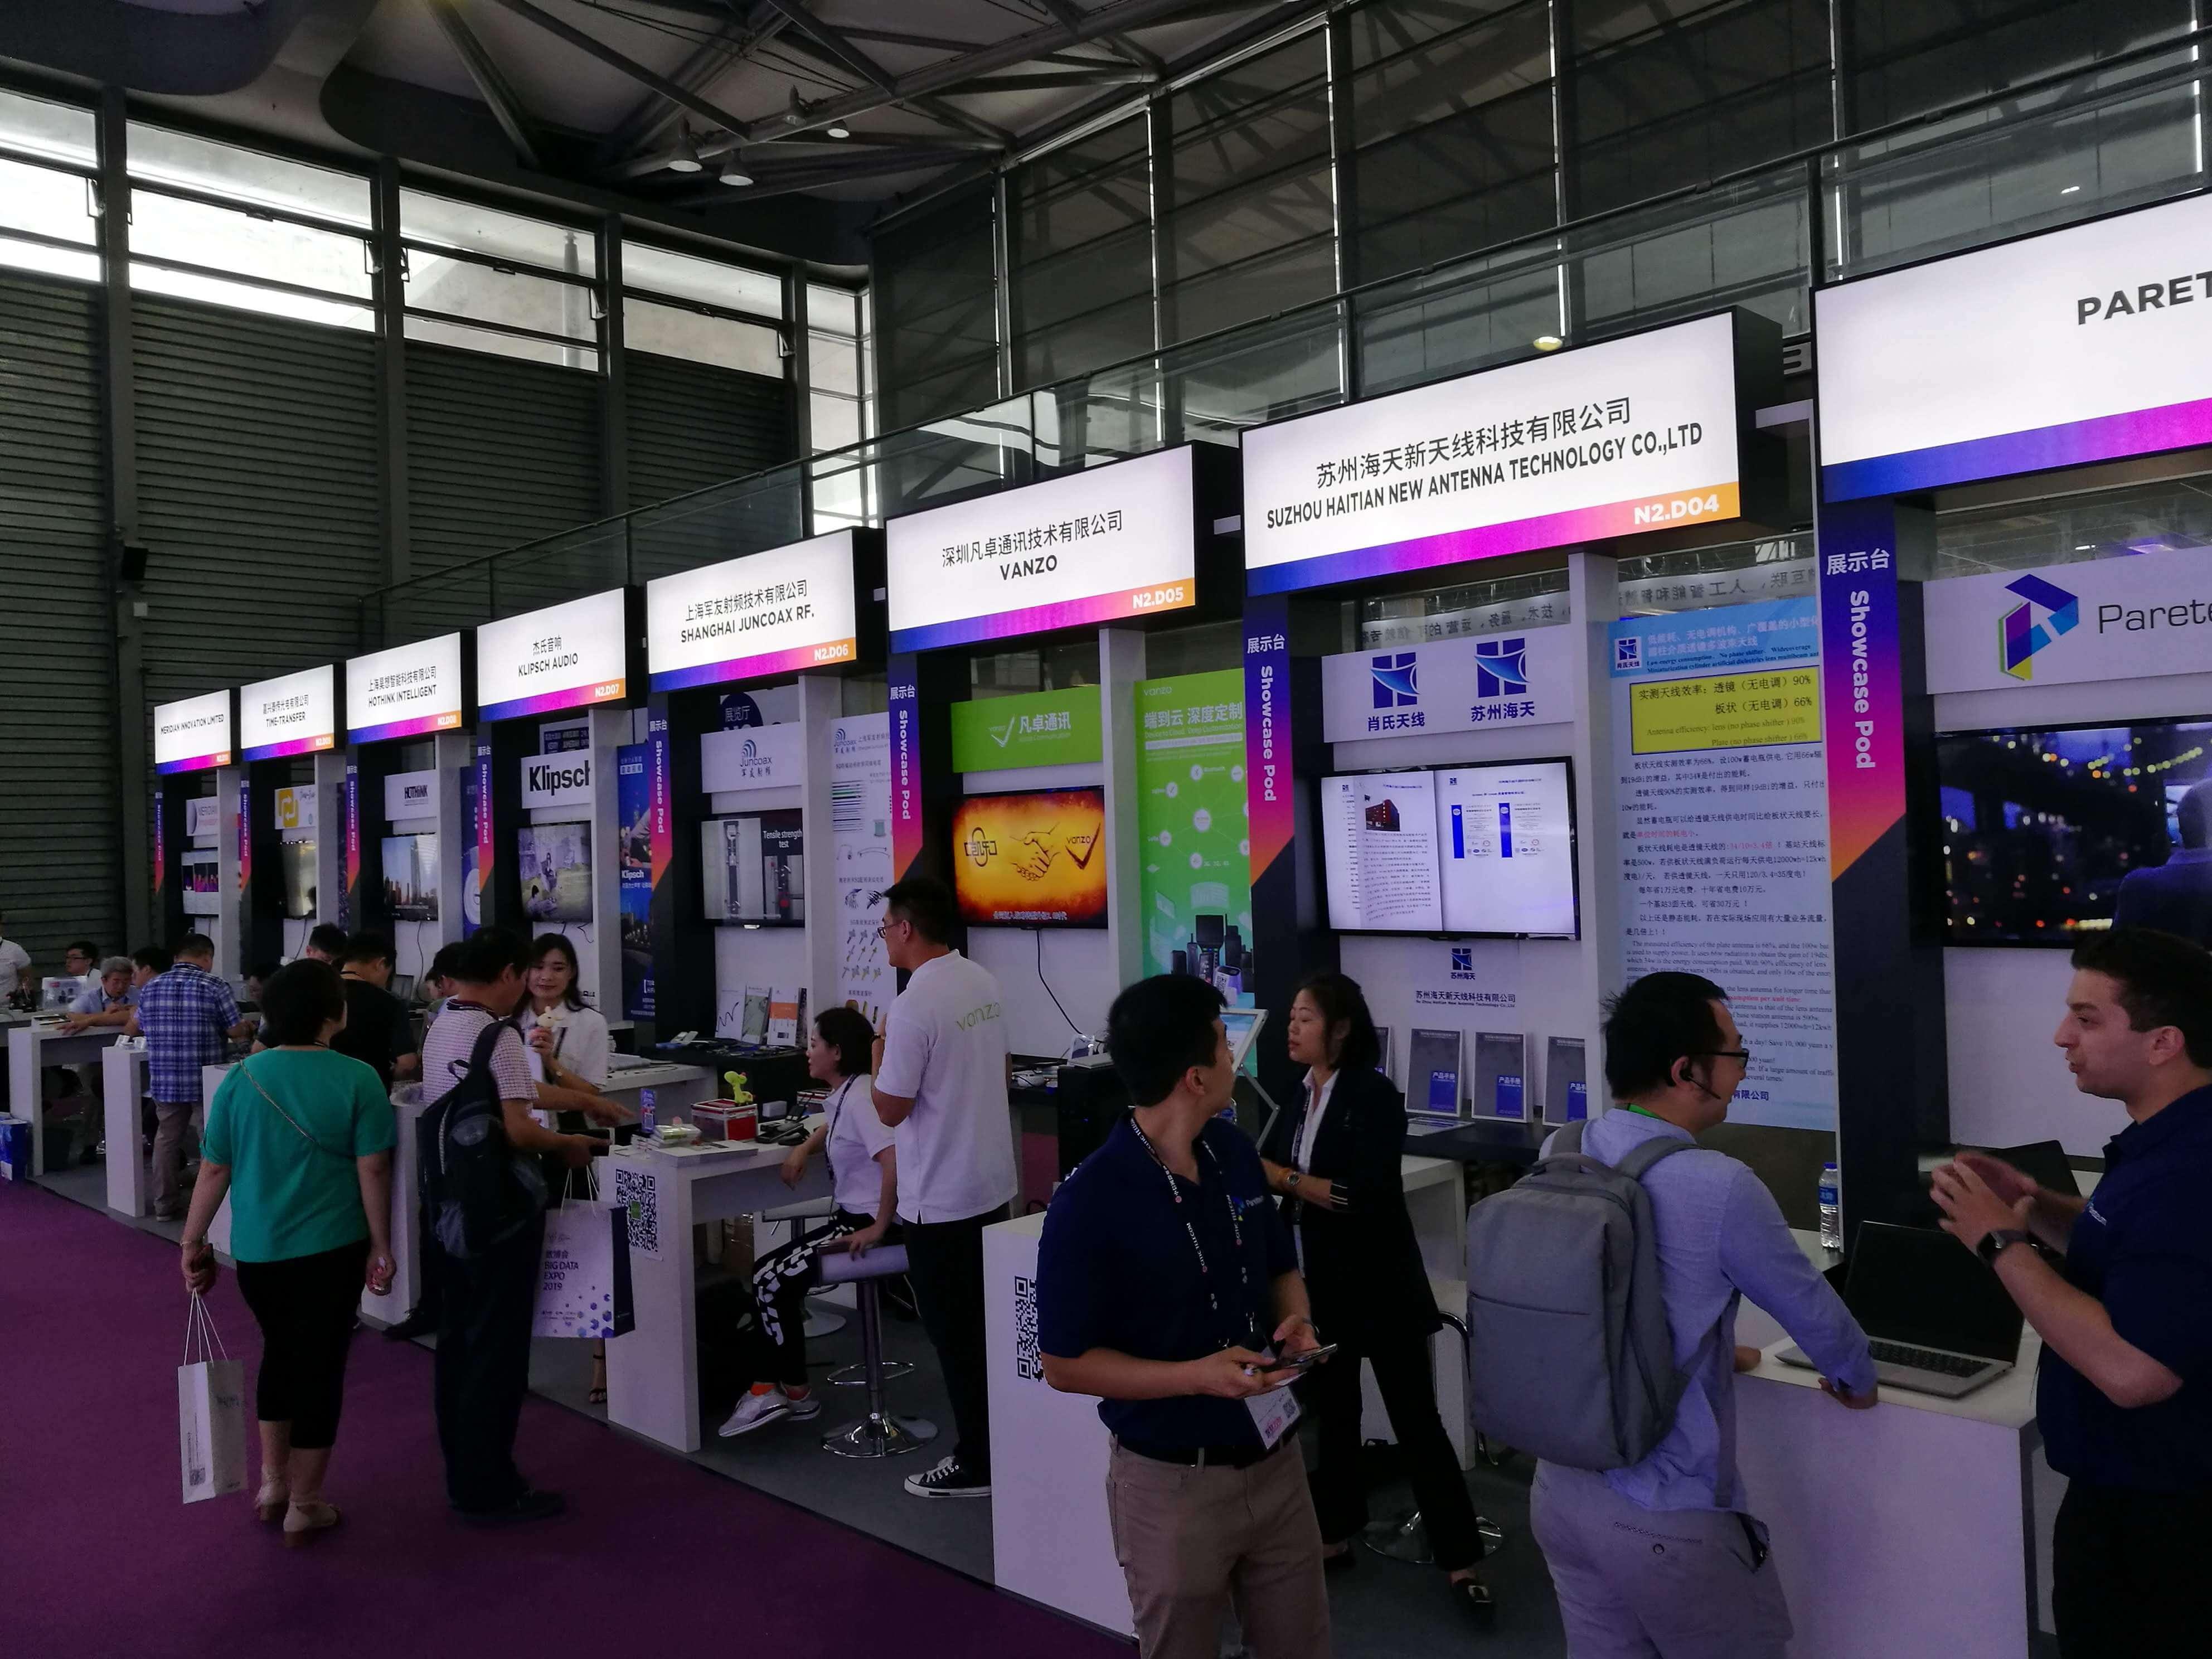 MWC Shanghai 2019: Booths